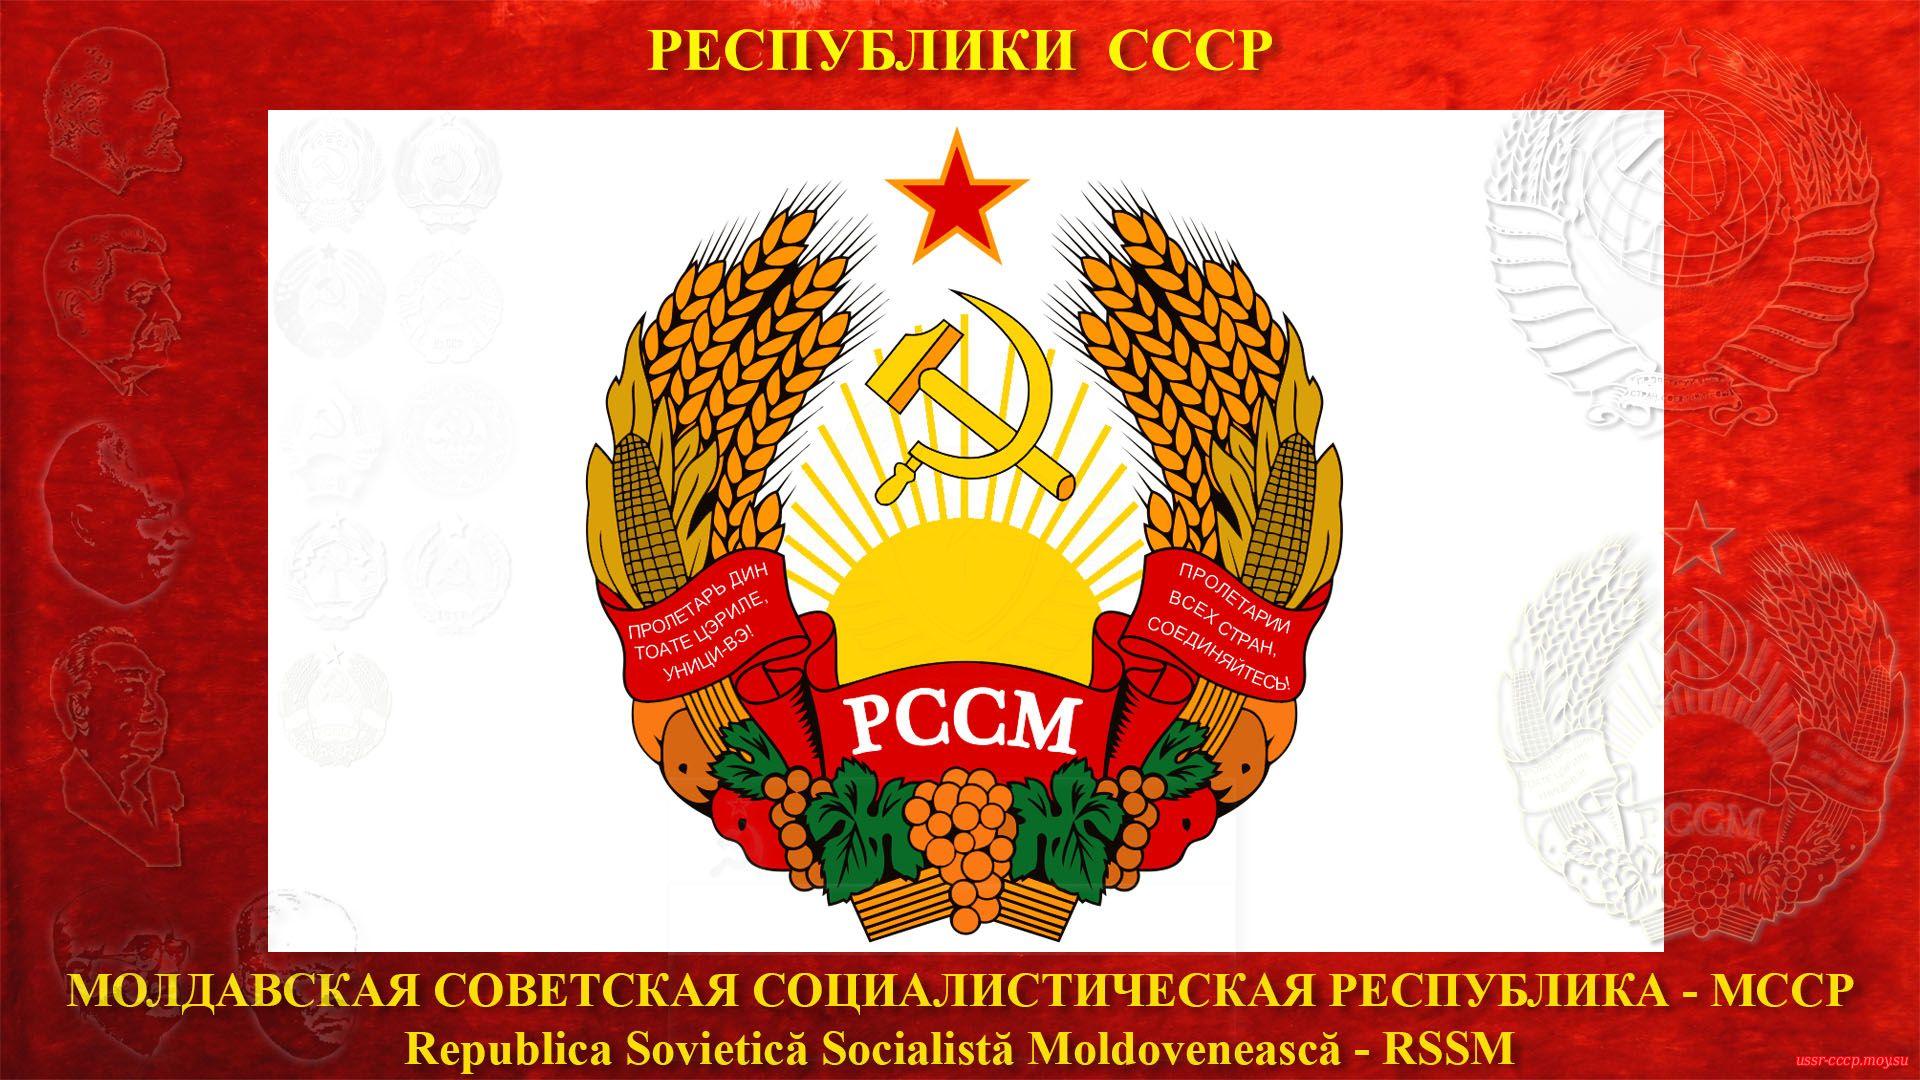 Картинки по запросу 12 октября молдавская советская социалистическая республика